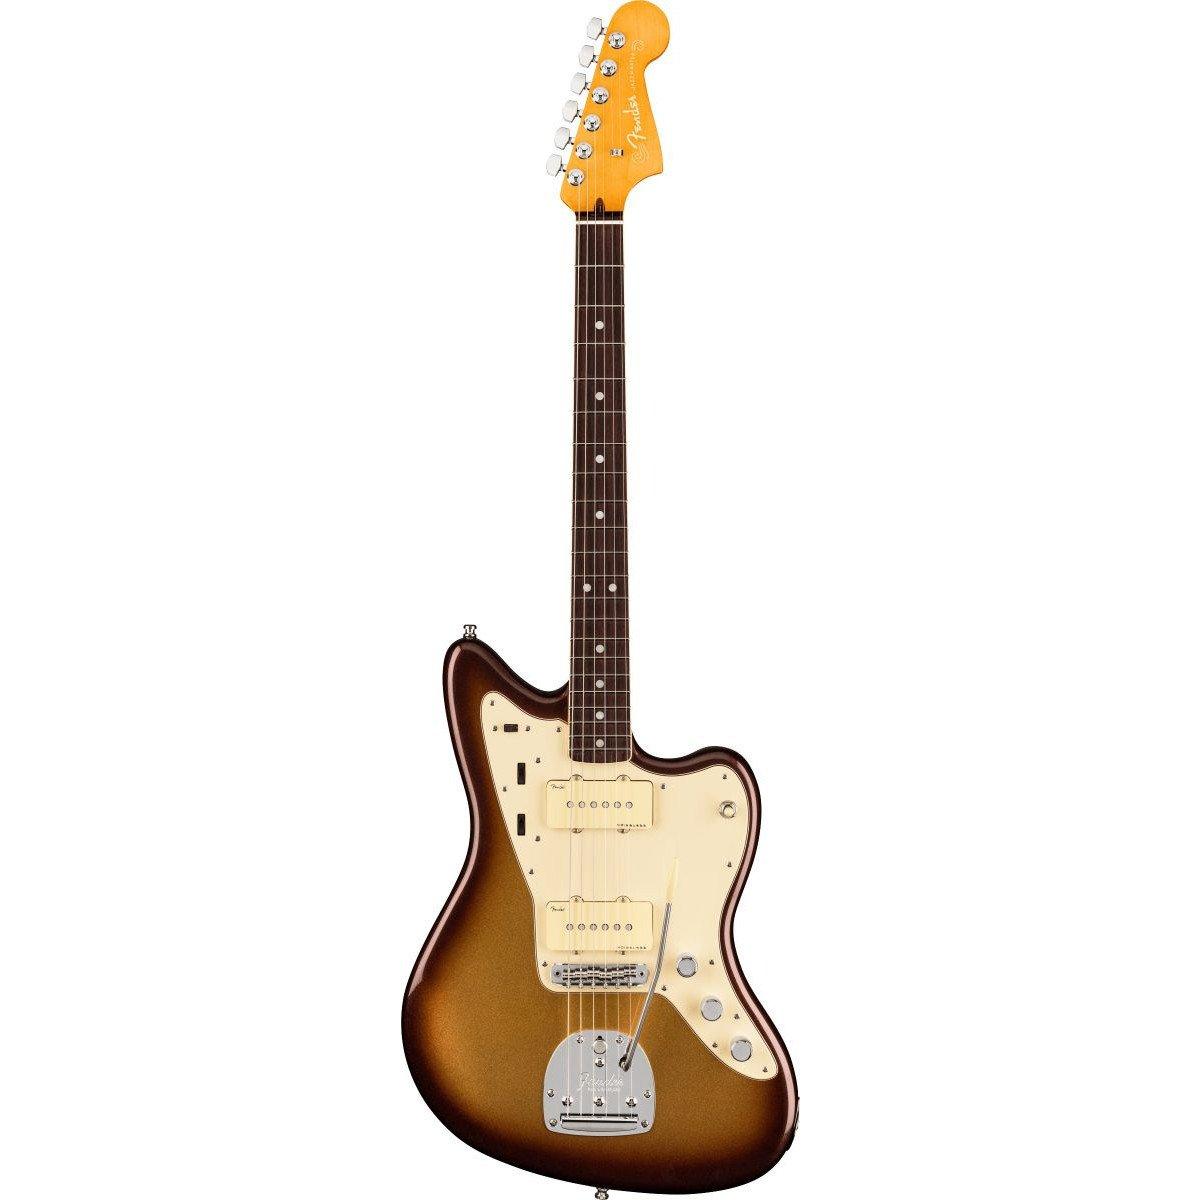 Fender American Ultra Jazzmaster in Mocha Burst w/ Rosewood Fingerboard w/ Free Pro Setup